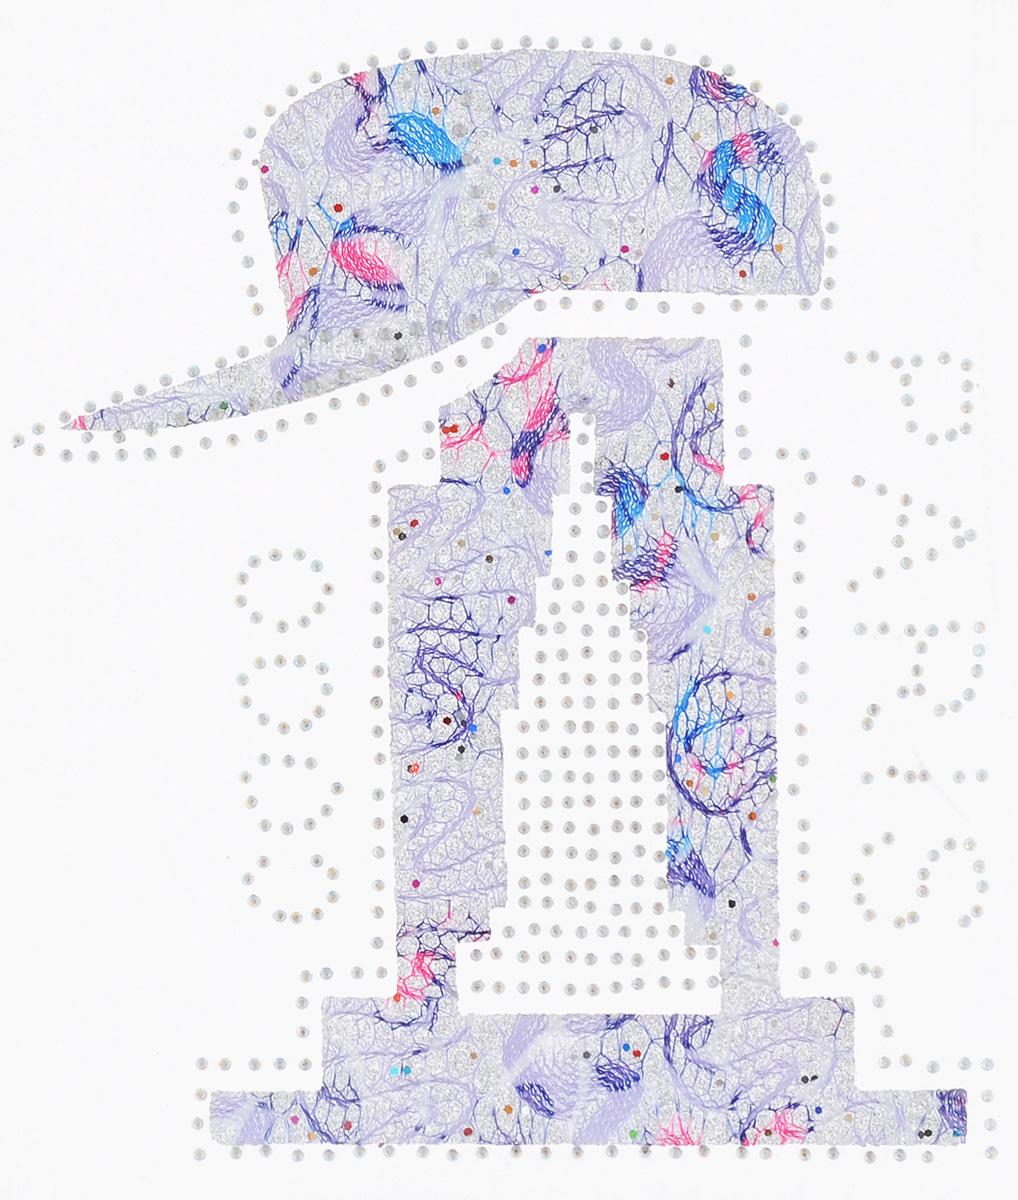 Термоаппликация Hobby&Pro Paris, цвет: розовый, фиолетовый, сиреневый, 16 х 14 см7713571_3 фиолетовыйКлеевая термоаппликация Hobby&Pro Paris изготовлена из текстиля. Изделие оформлено сверкающими стразами. Термоаппликация с обратной стороны оснащена клеевым слоем, благодаря которому при помощи утюга вы сможете быстро и легко закрепить изделие на ткани. С такой термоаппликацией любая вещь станет особенной.